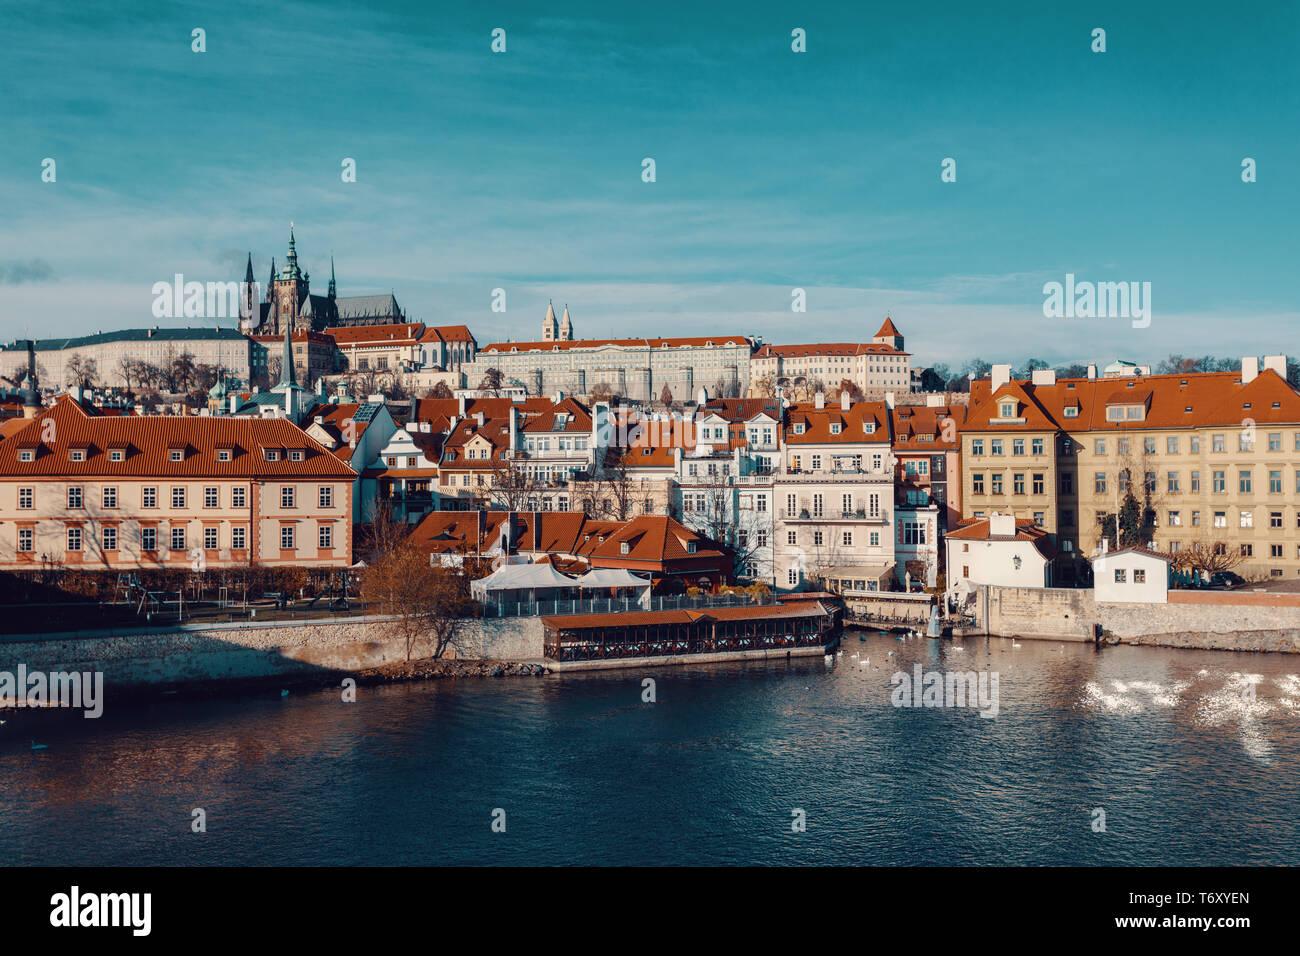 La catedral y el castillo de Praga, República Checa Foto de stock